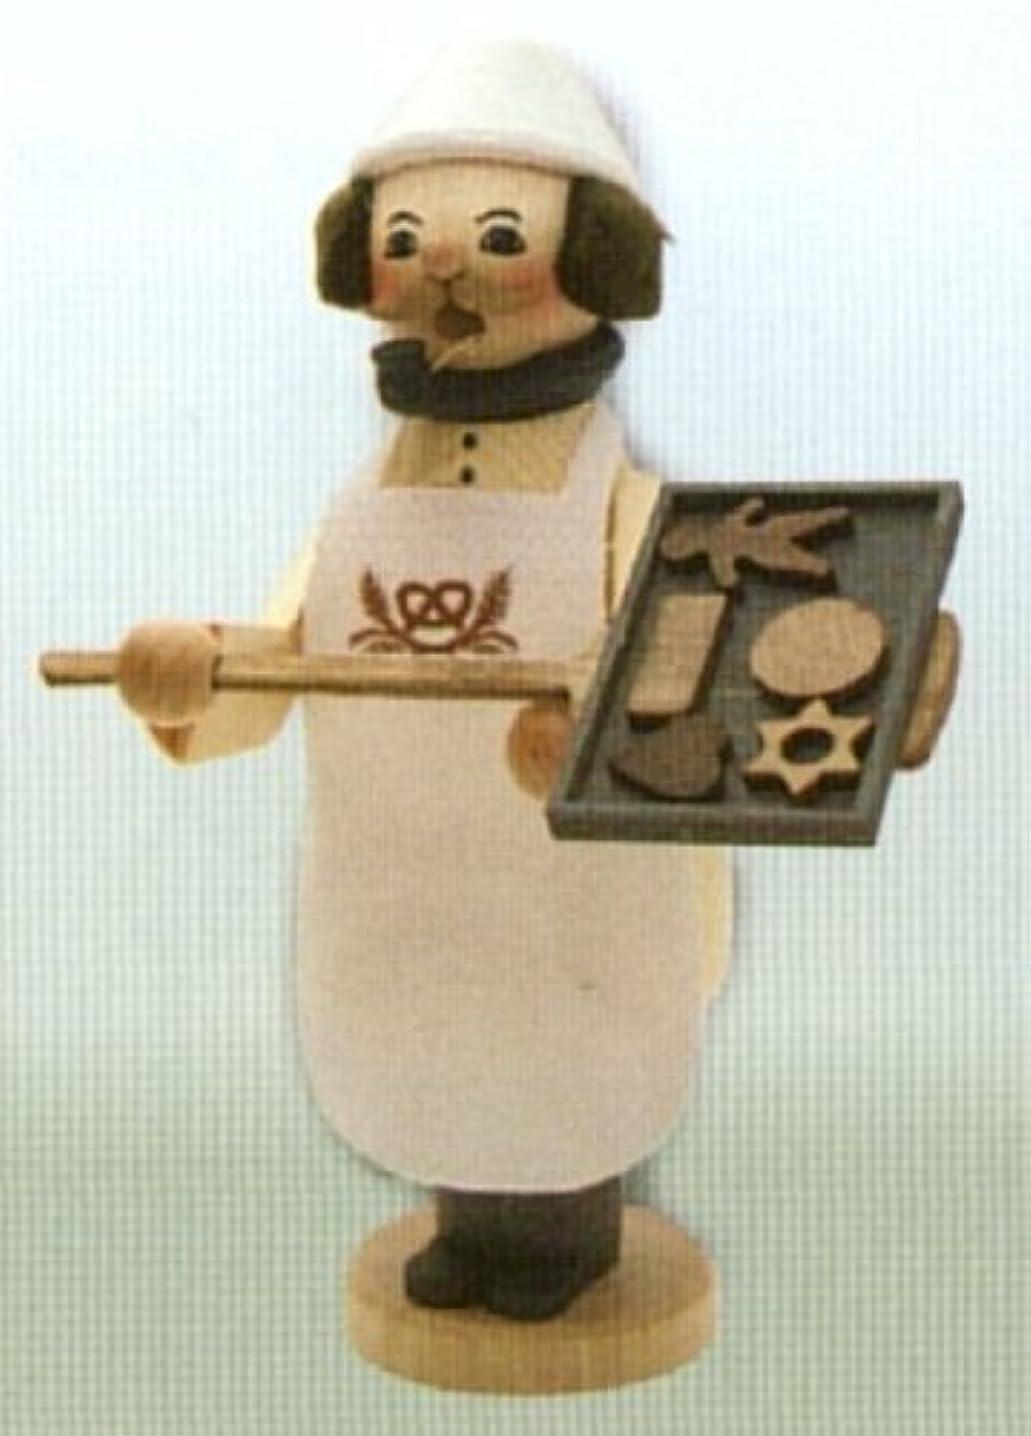 楽な注文ゴールデンクリスマスクッキーベイカーGerman Incense Smokerドイツ製新しいBurner